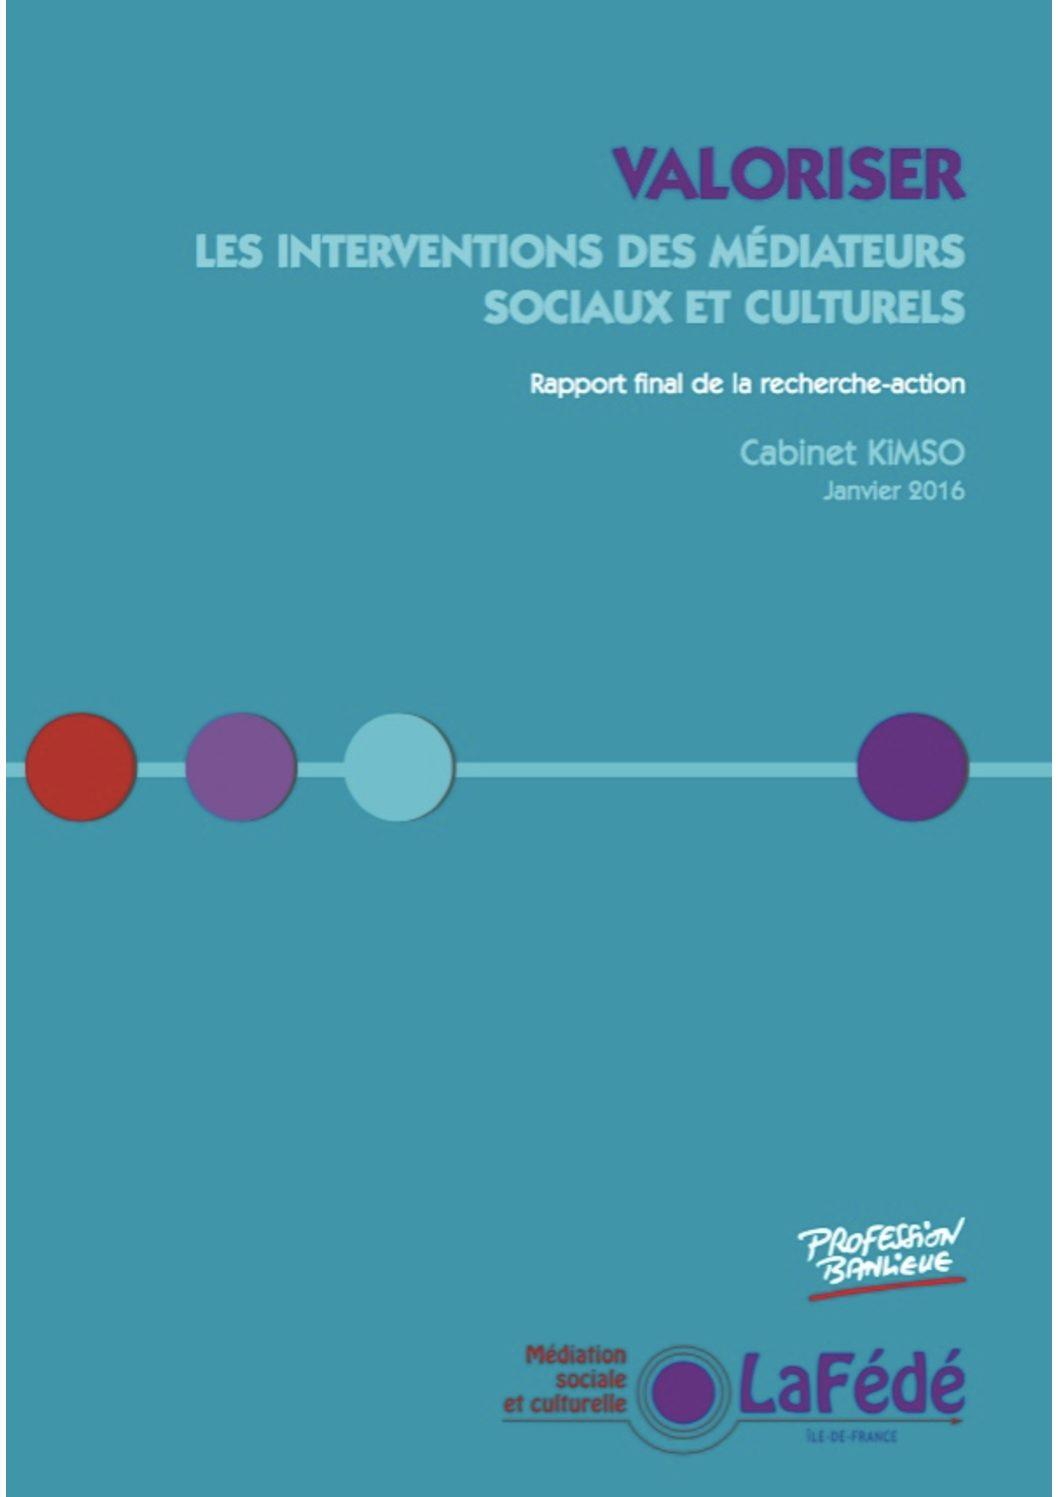 Valoriser les interventions des médiateurs sociaux et culturels